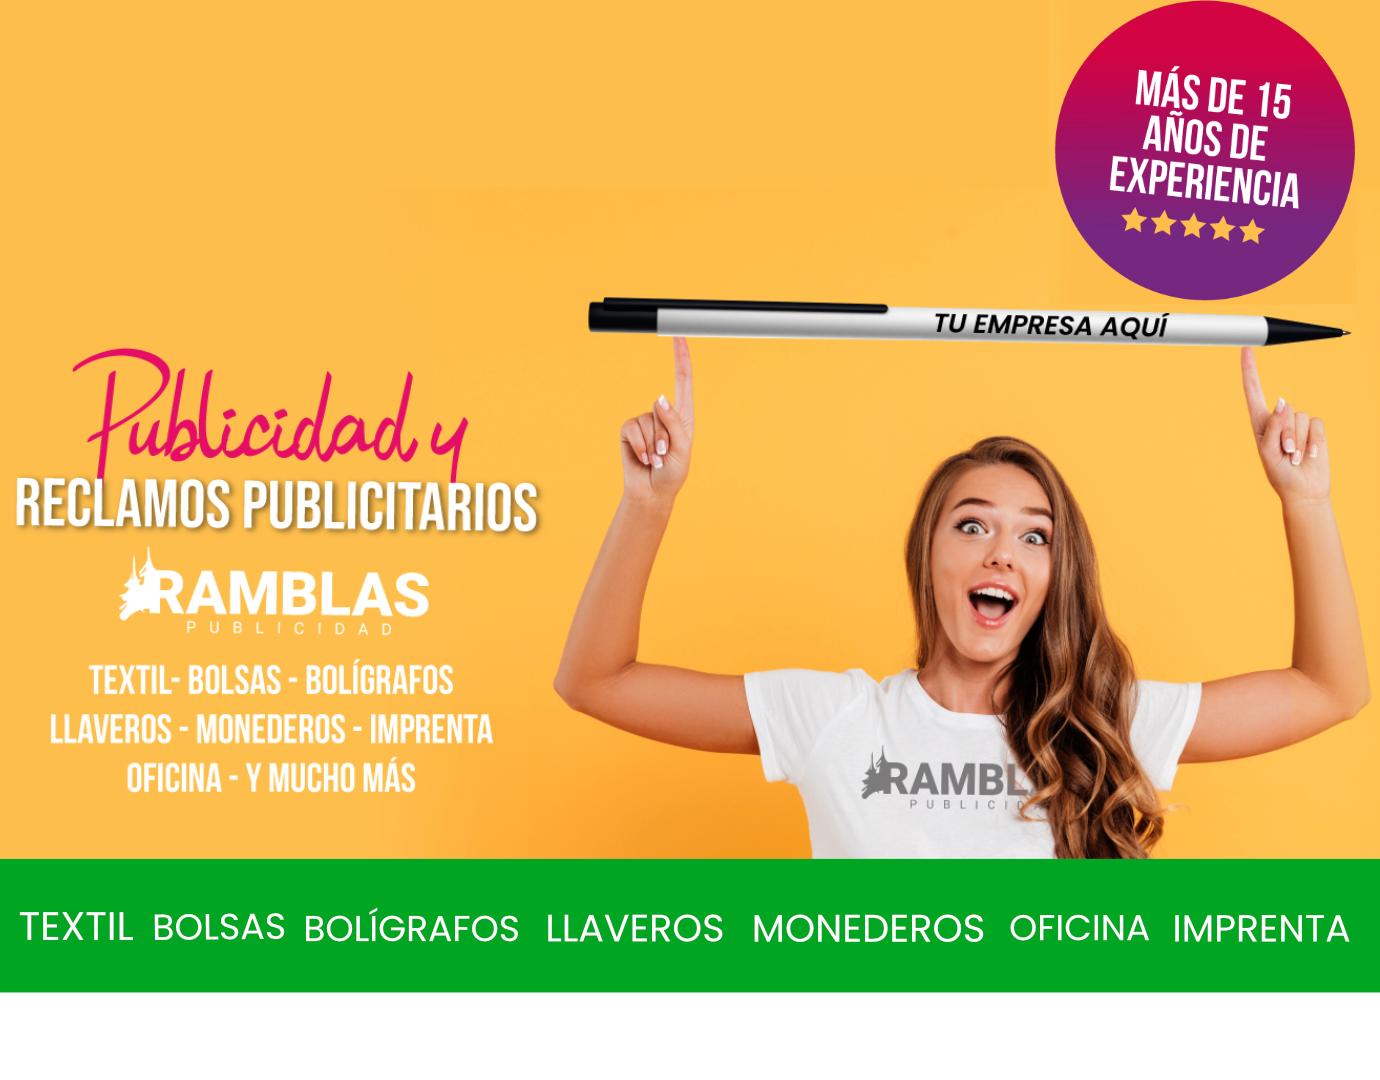 Ramblas Publicidad empresa especialista en merchandising personalizado